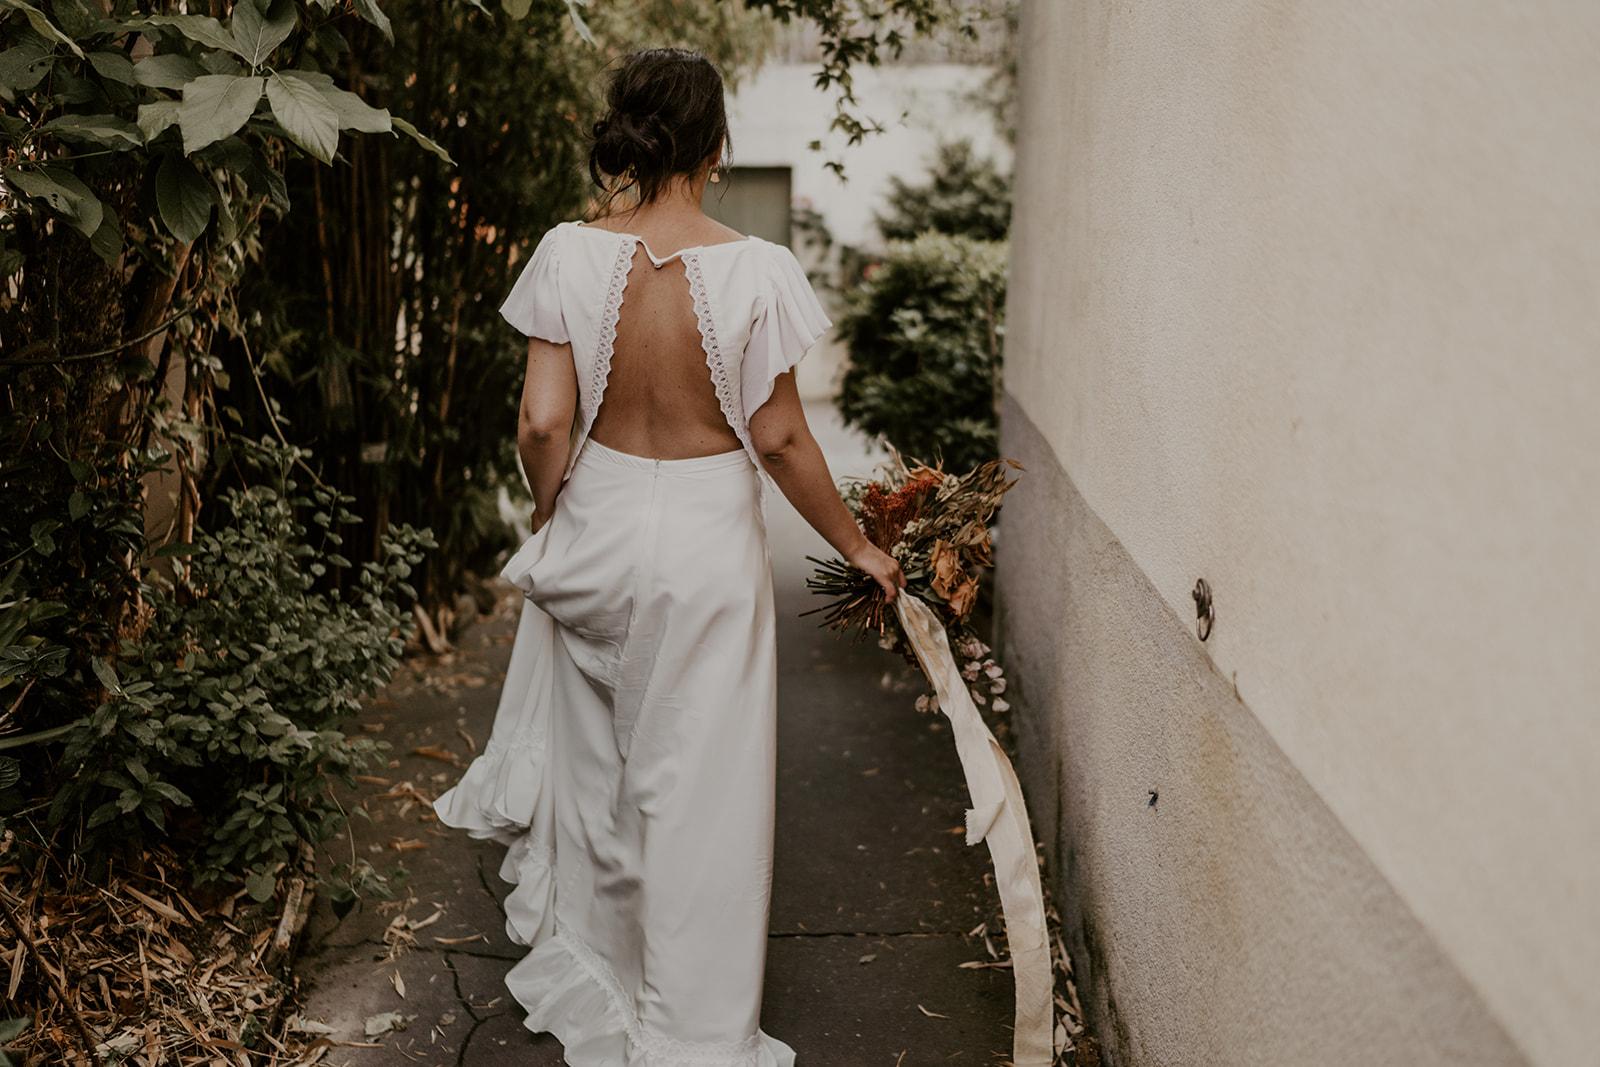 robe de mariee blanche espagnole mariage espagnol